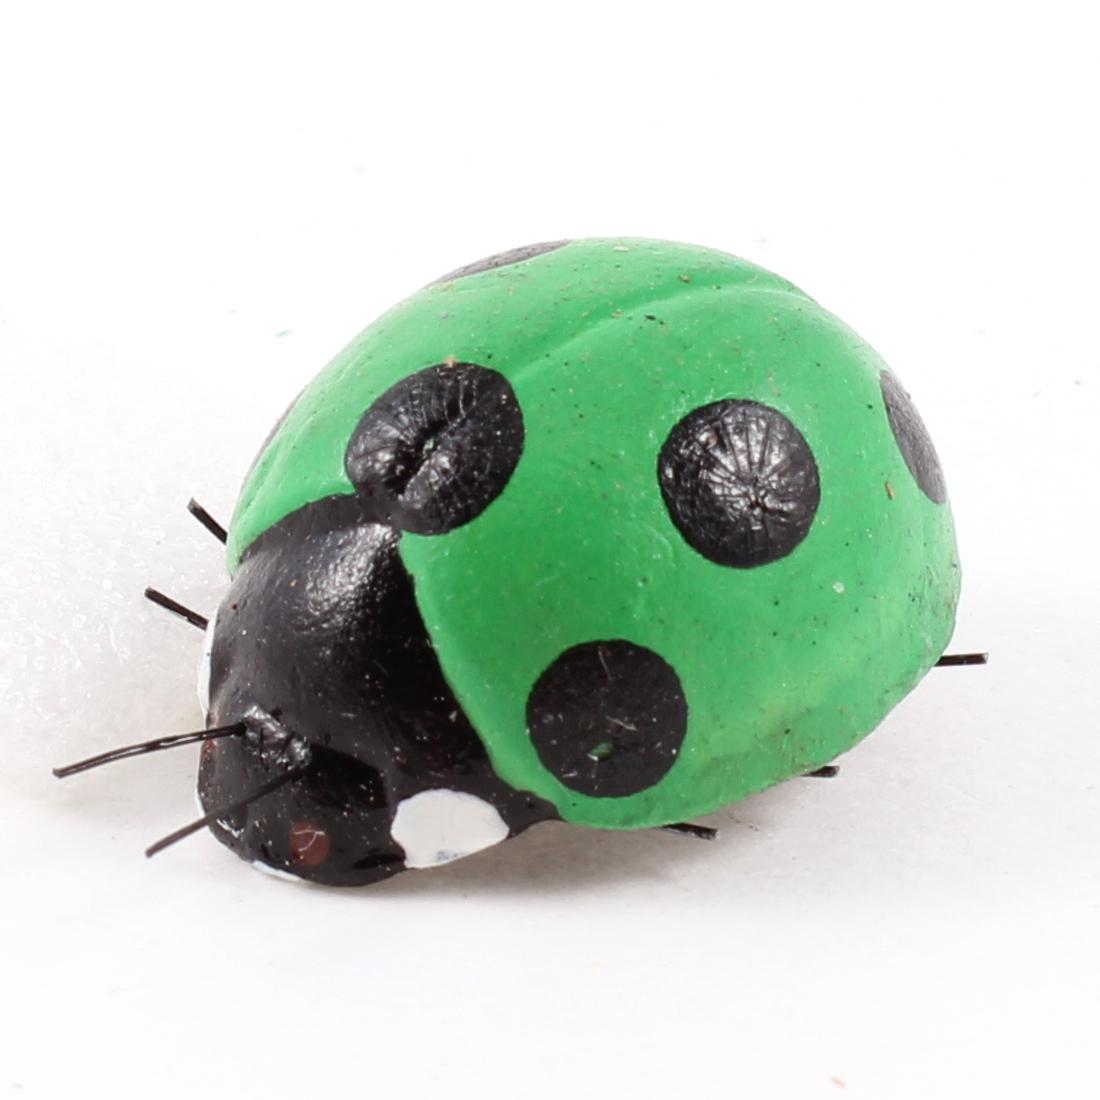 Green Black Ladybug Shaped Fridge Refrigerator Magnetic Stickers Decoration